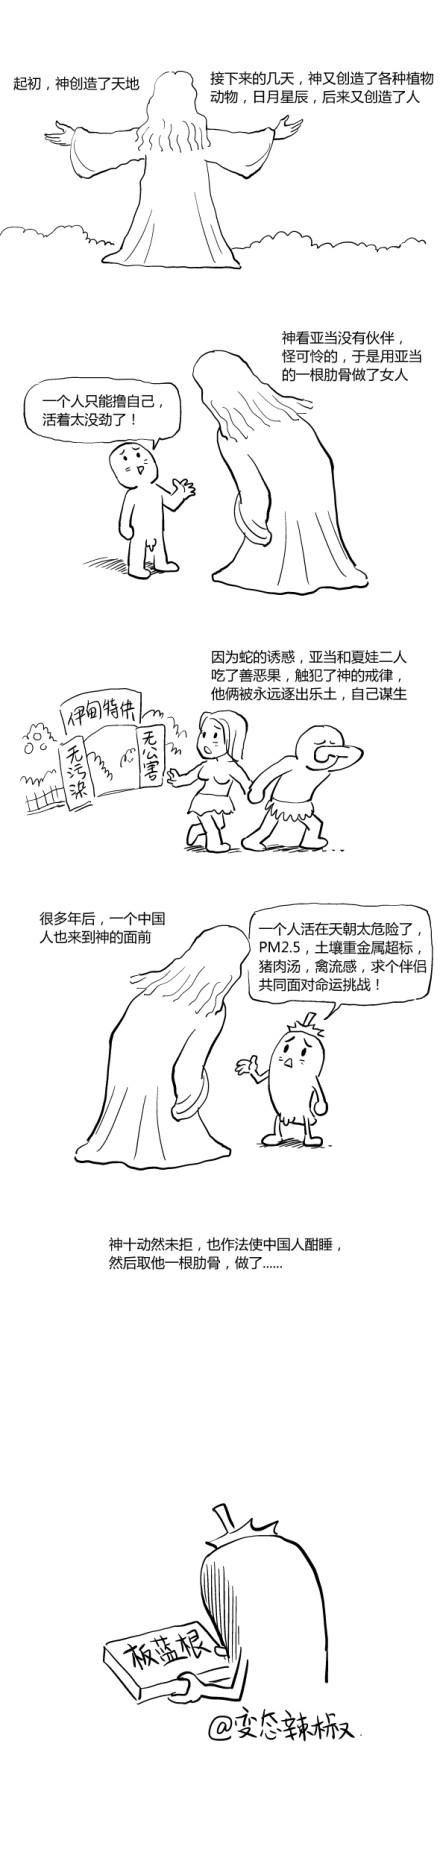 漫画作者:变态辣椒